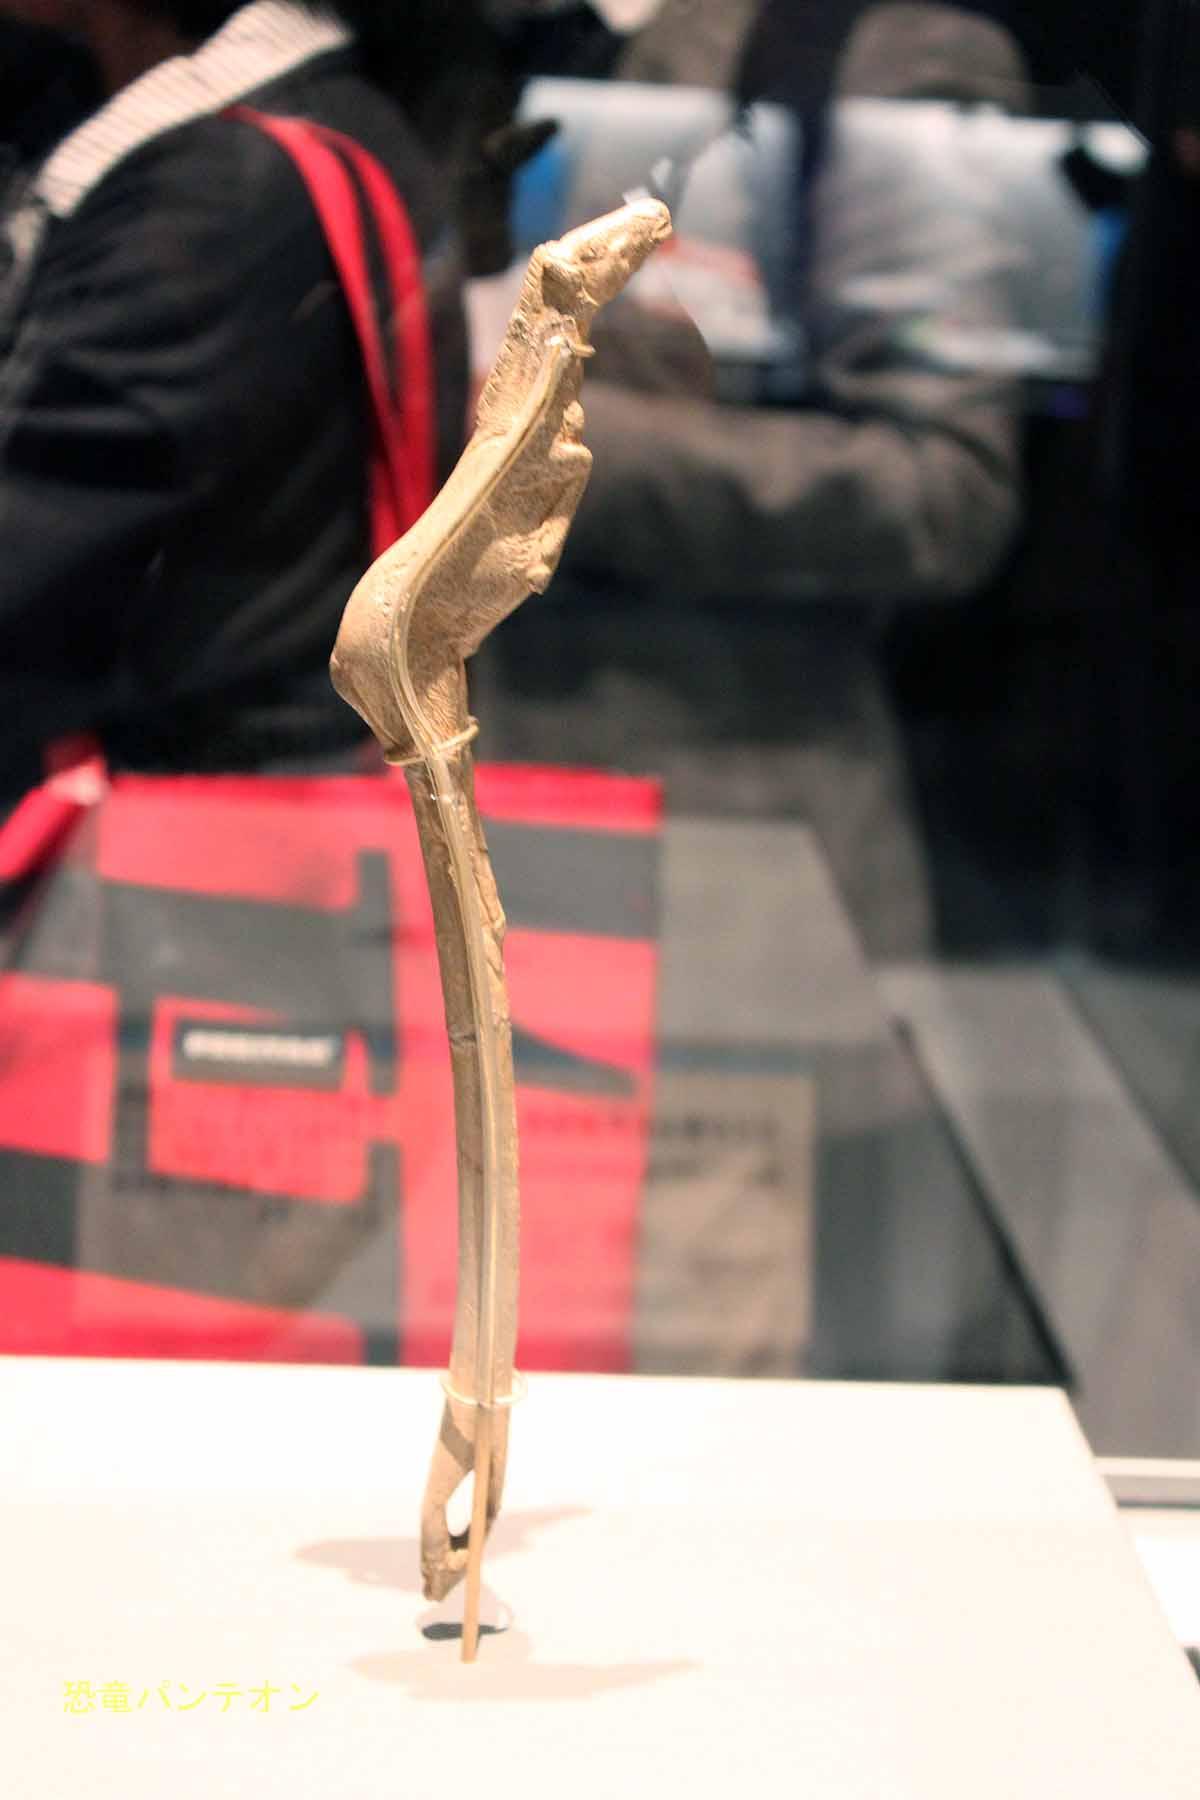 ウマが彫られた投槍器 フランス国立考古学博物館(サン=ジェルマン=アン=レー)所蔵